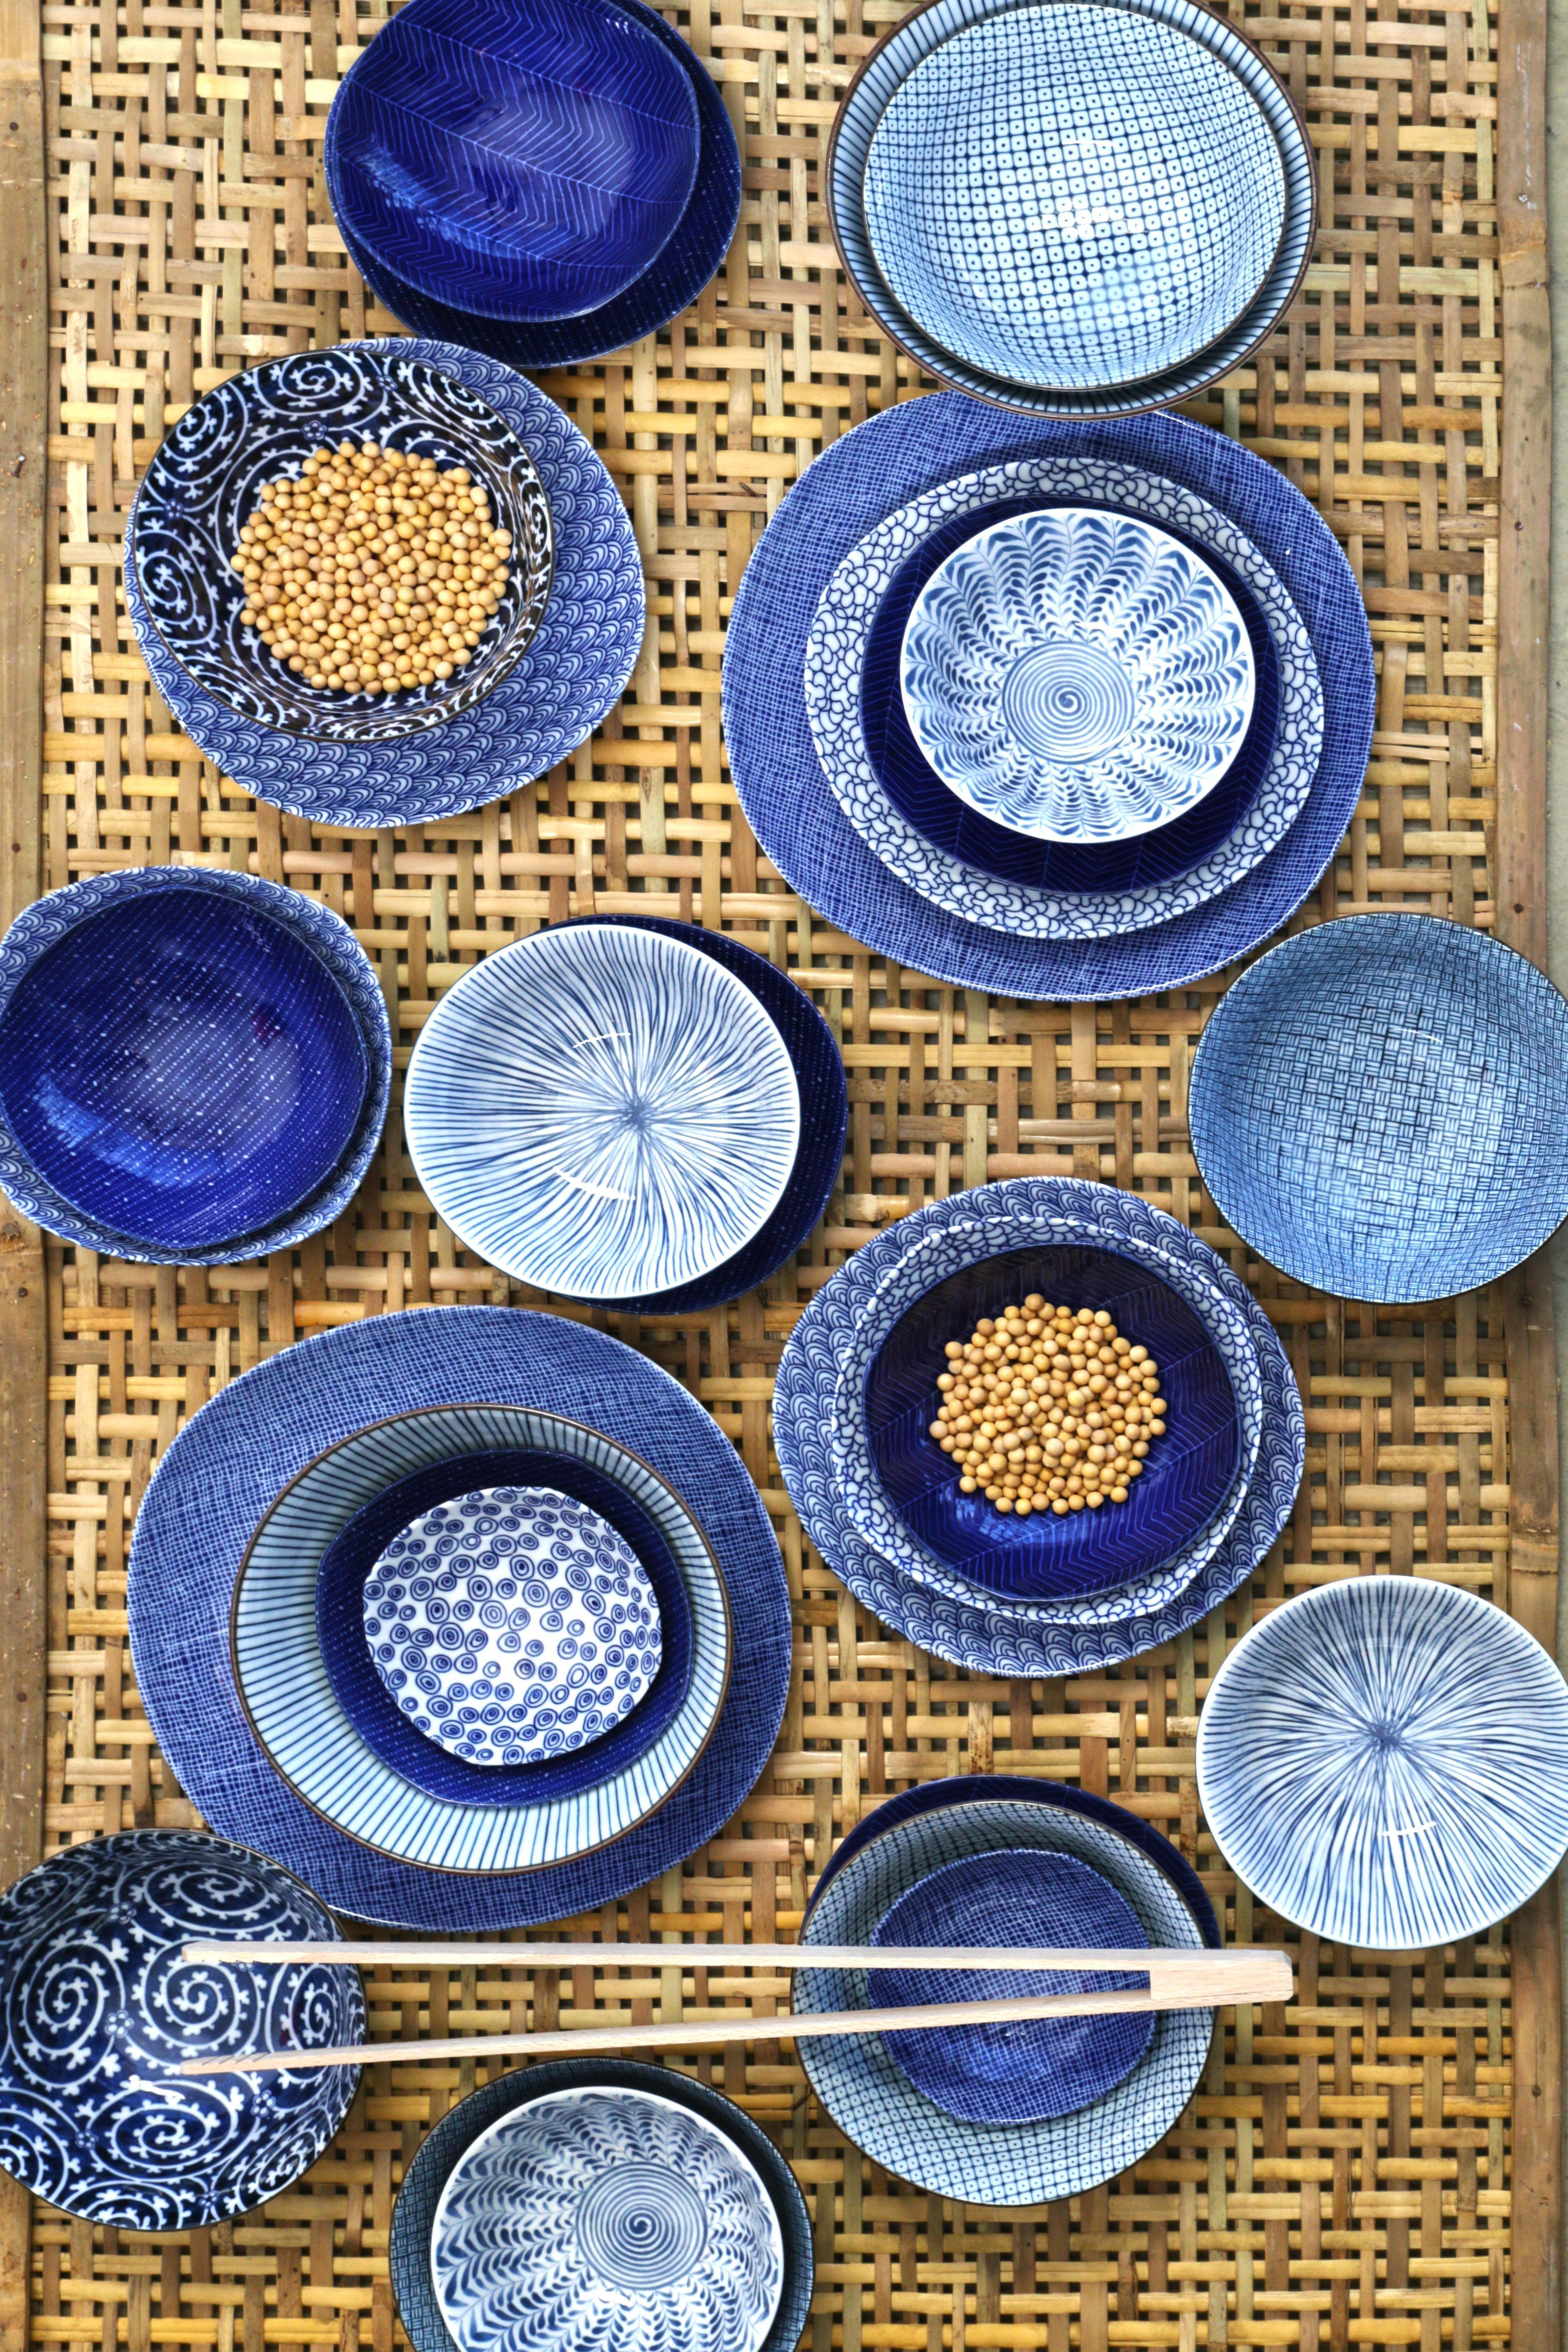 blauw aardewerk servies